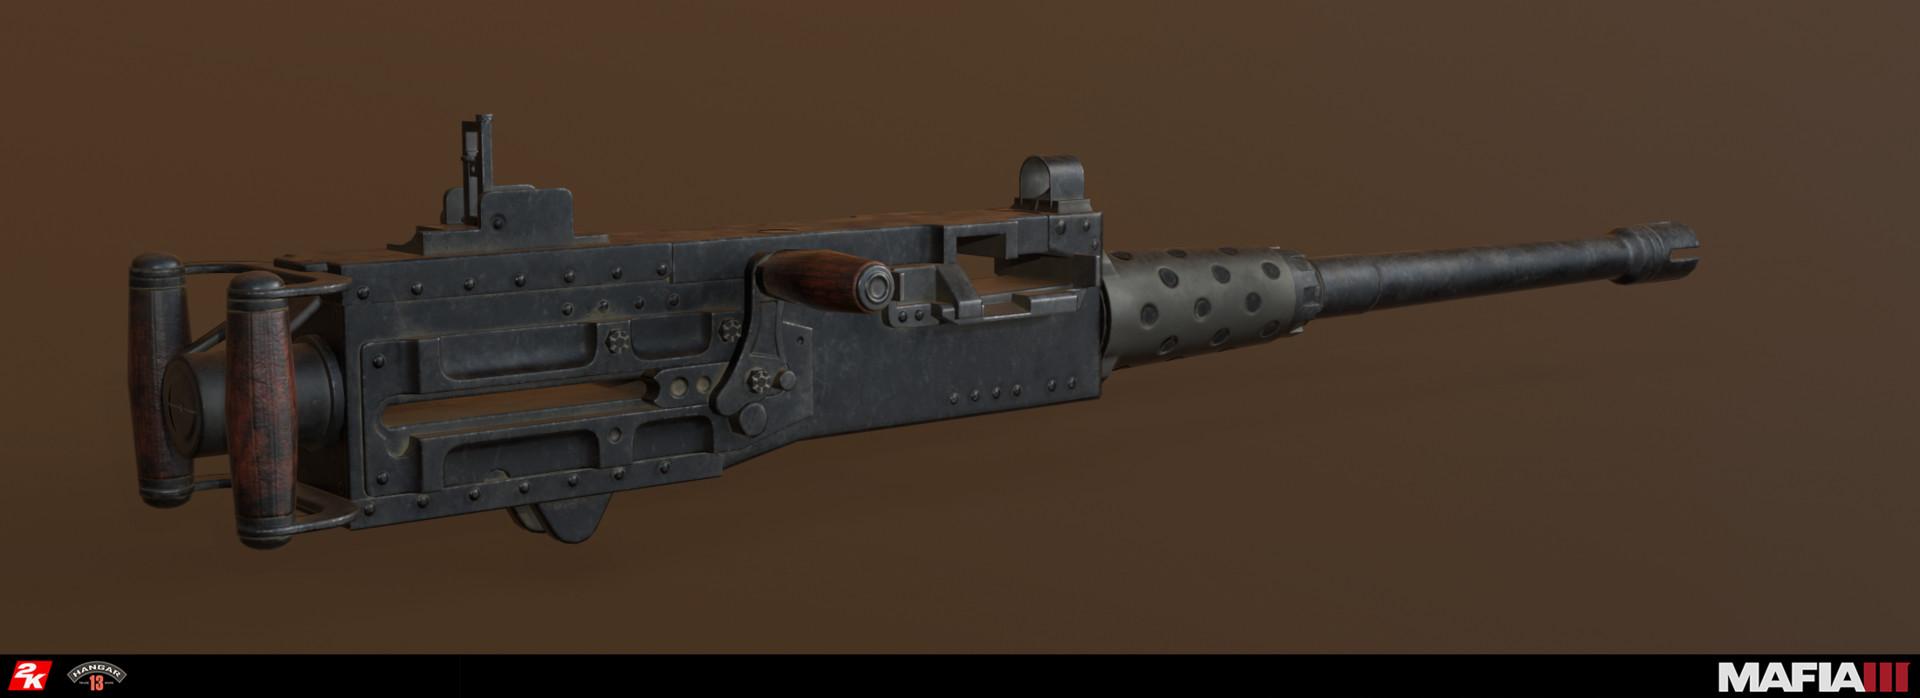 Ben nadler bnadler dlc2 wep turret low 02